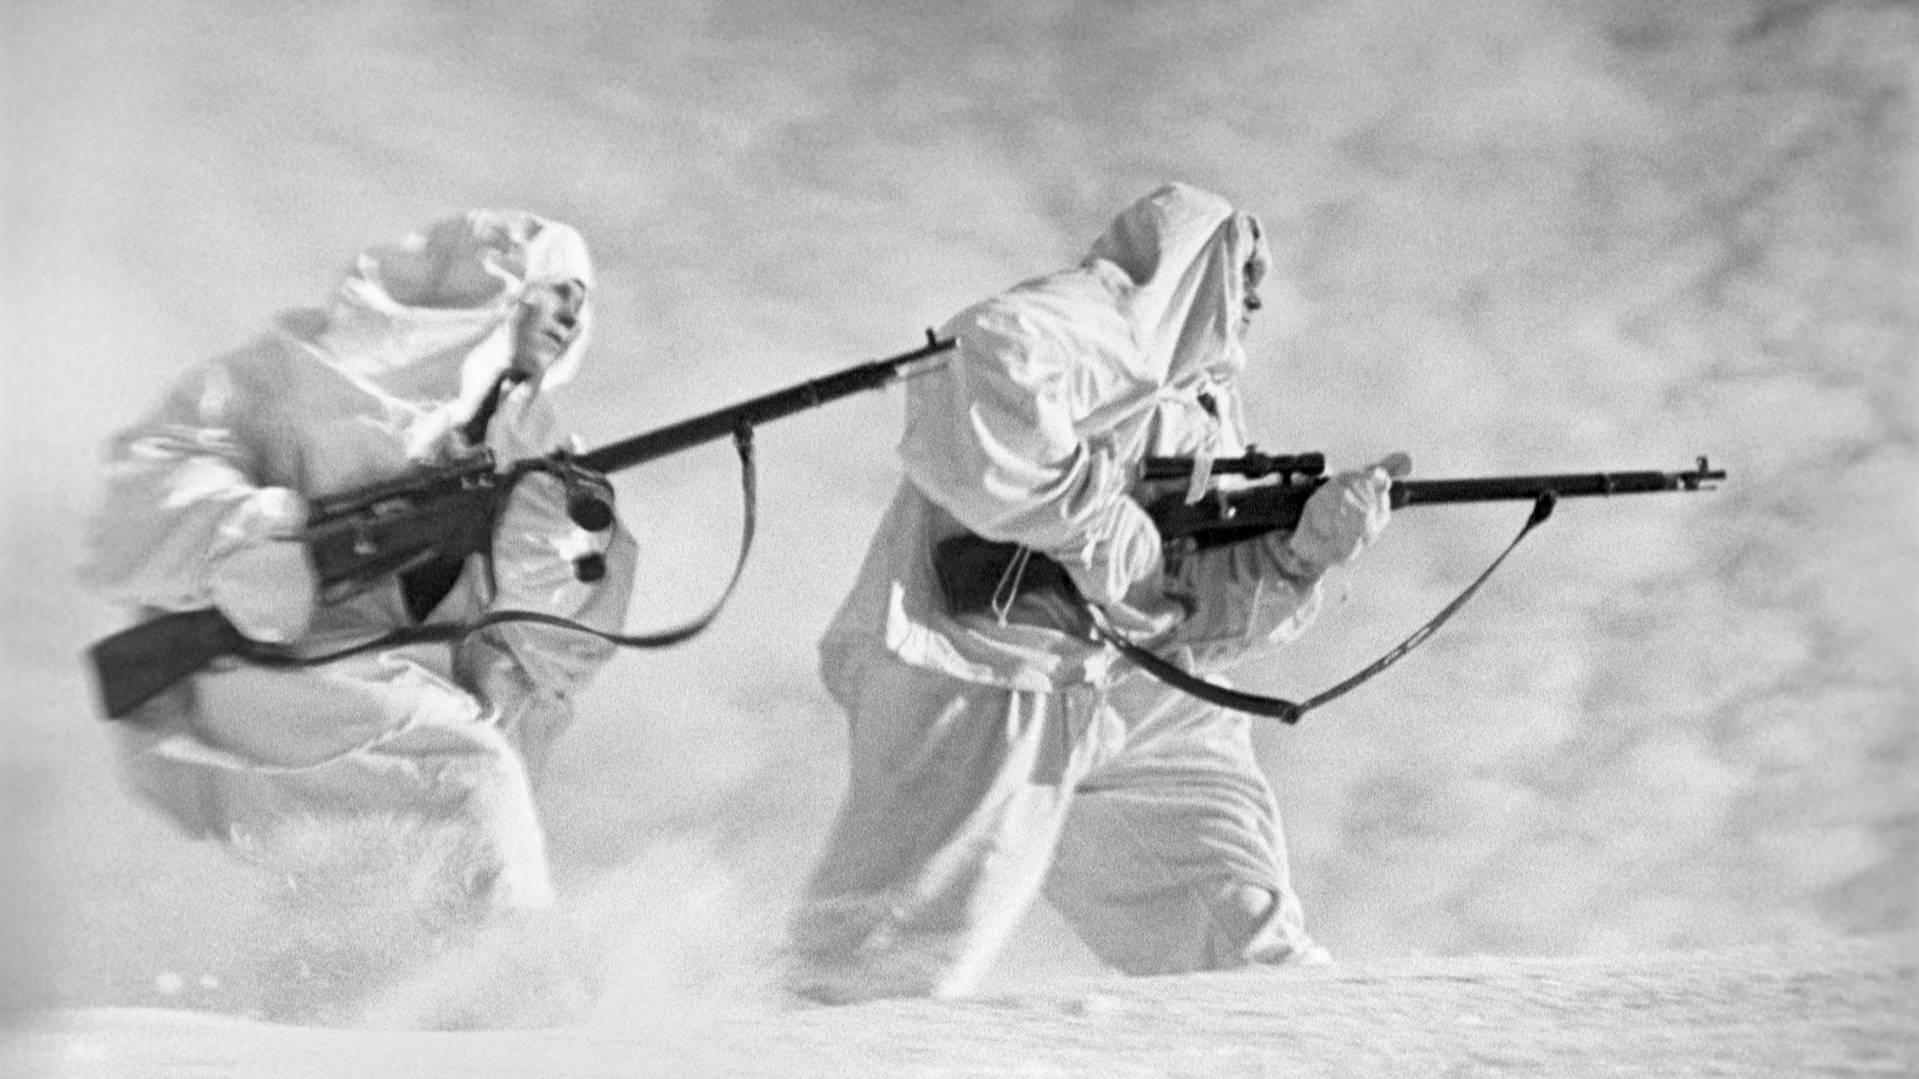 'Белые призраки': как воевал секретный спецназ НКВД 'Ходоки'